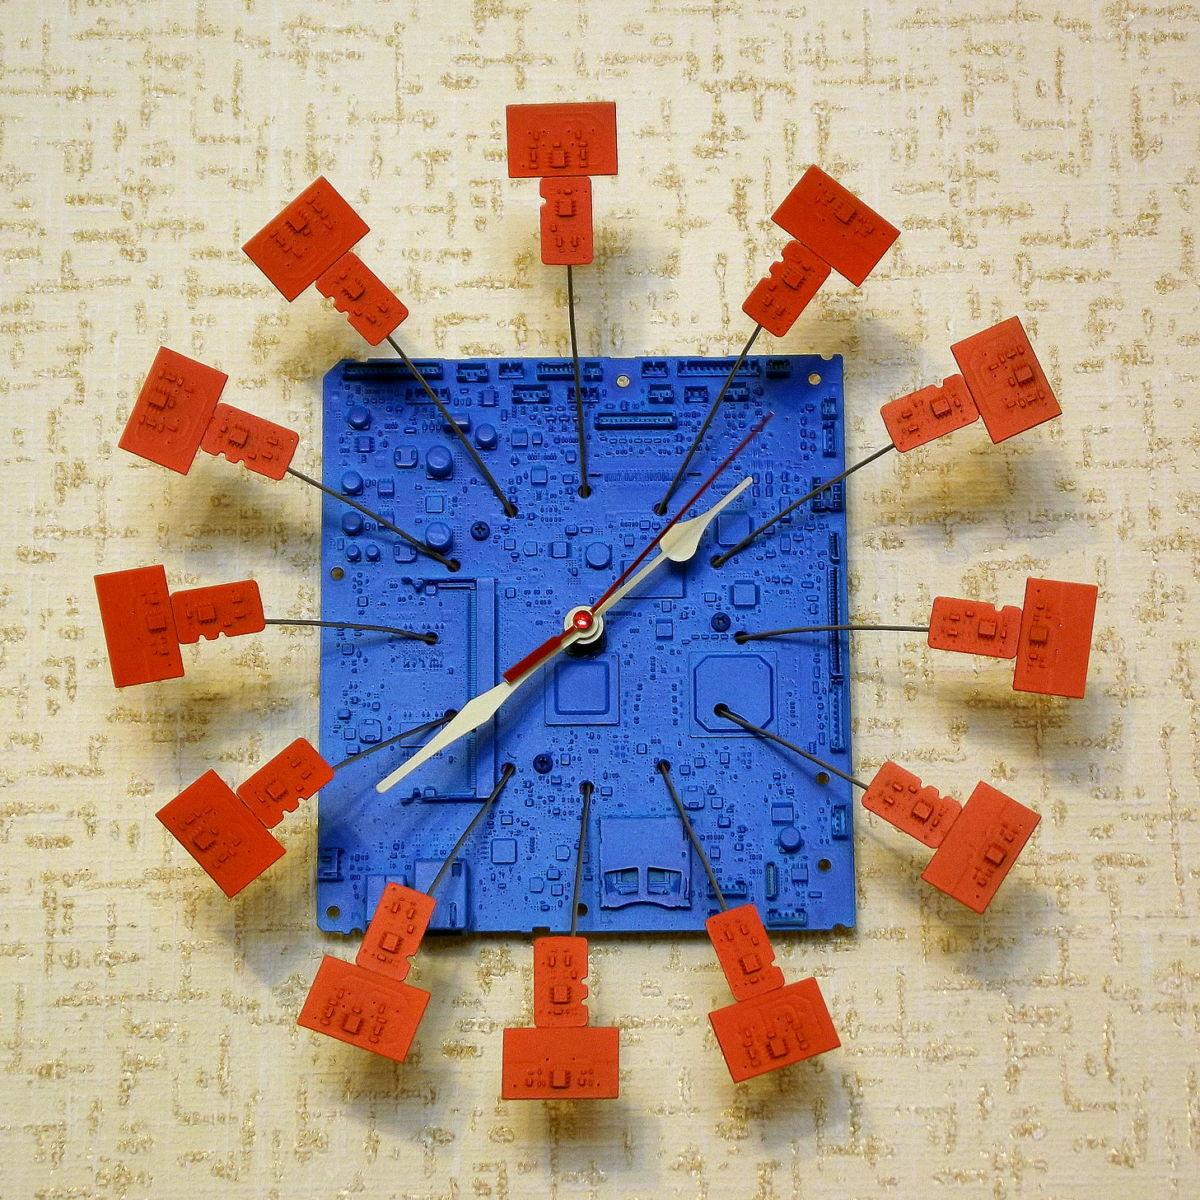 Опыт читателя: как сделать крутые часы из старой материнской платы